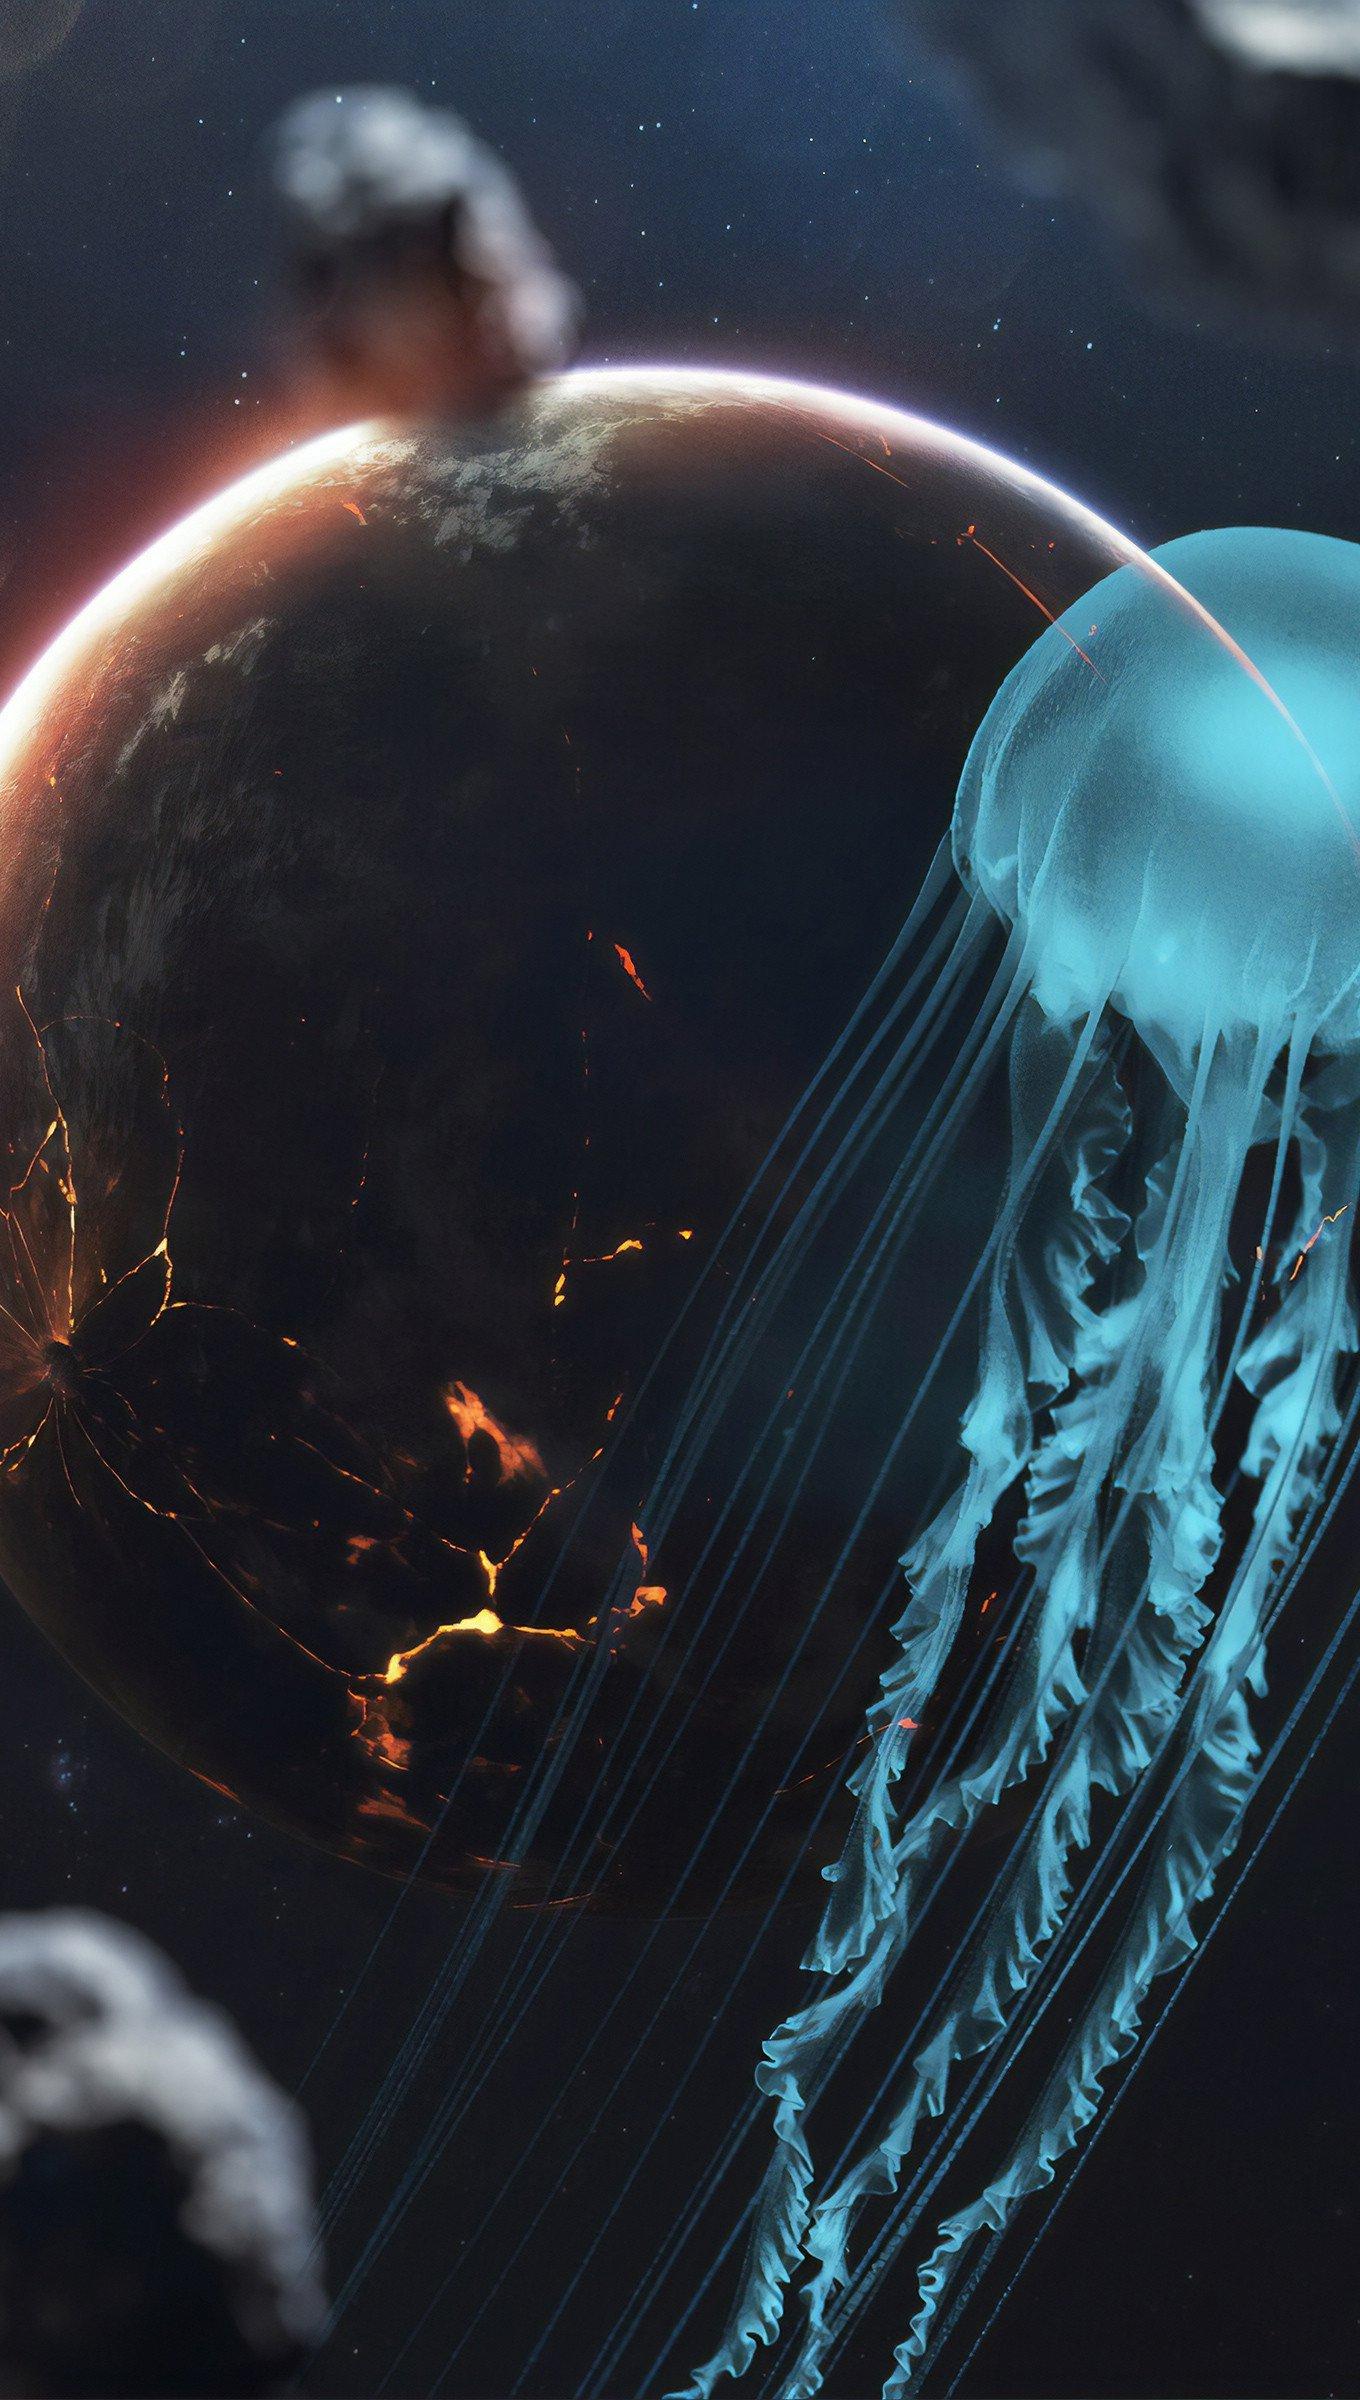 Fondos de pantalla Medusa en el espacio Vertical